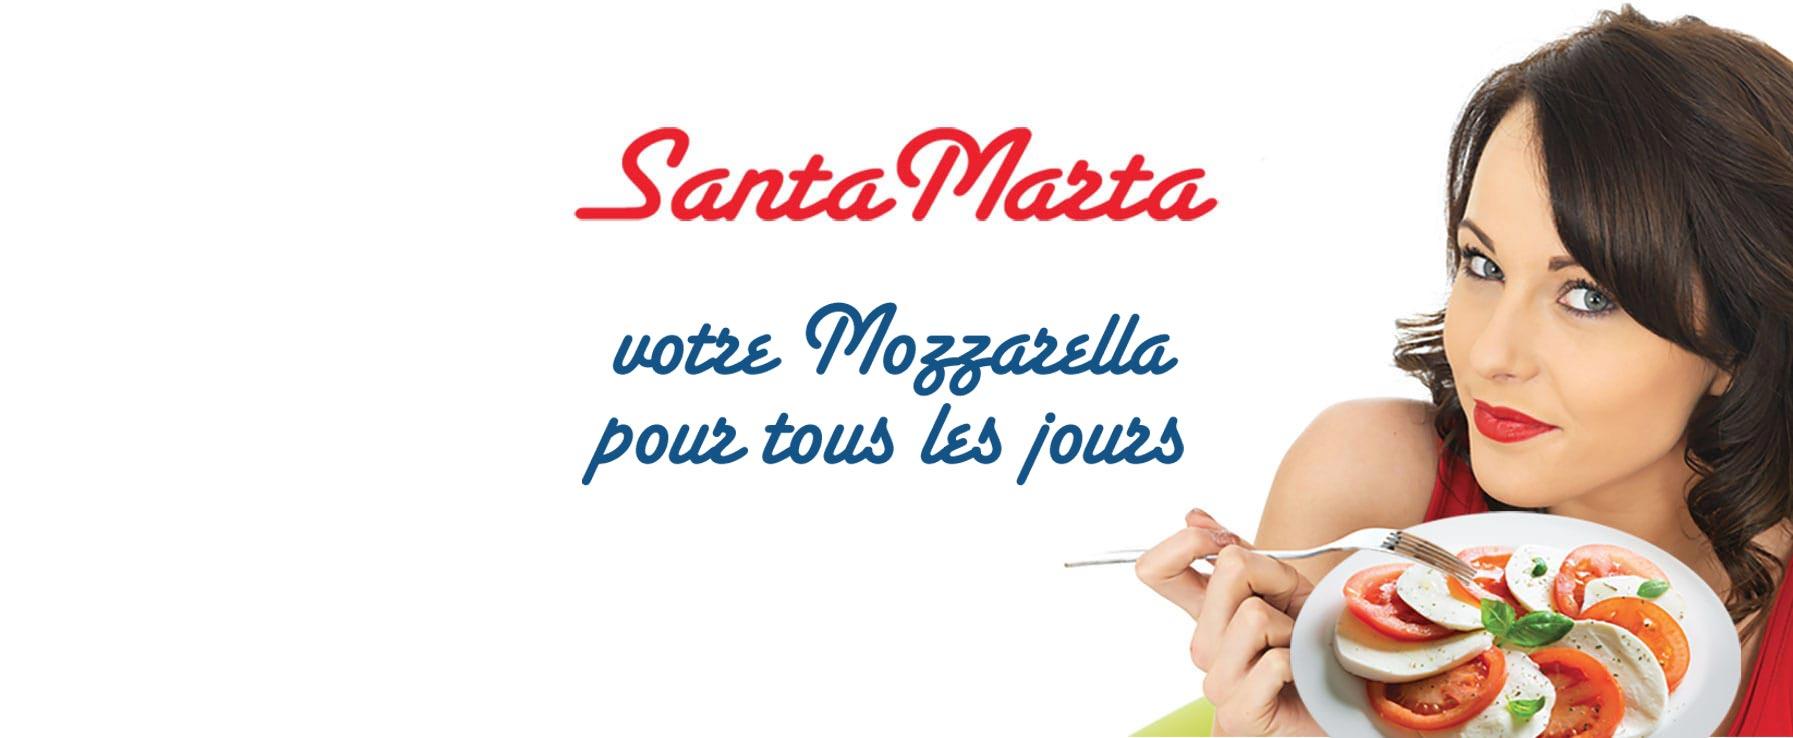 Santa Marta votre mozzarella pour tous les jours